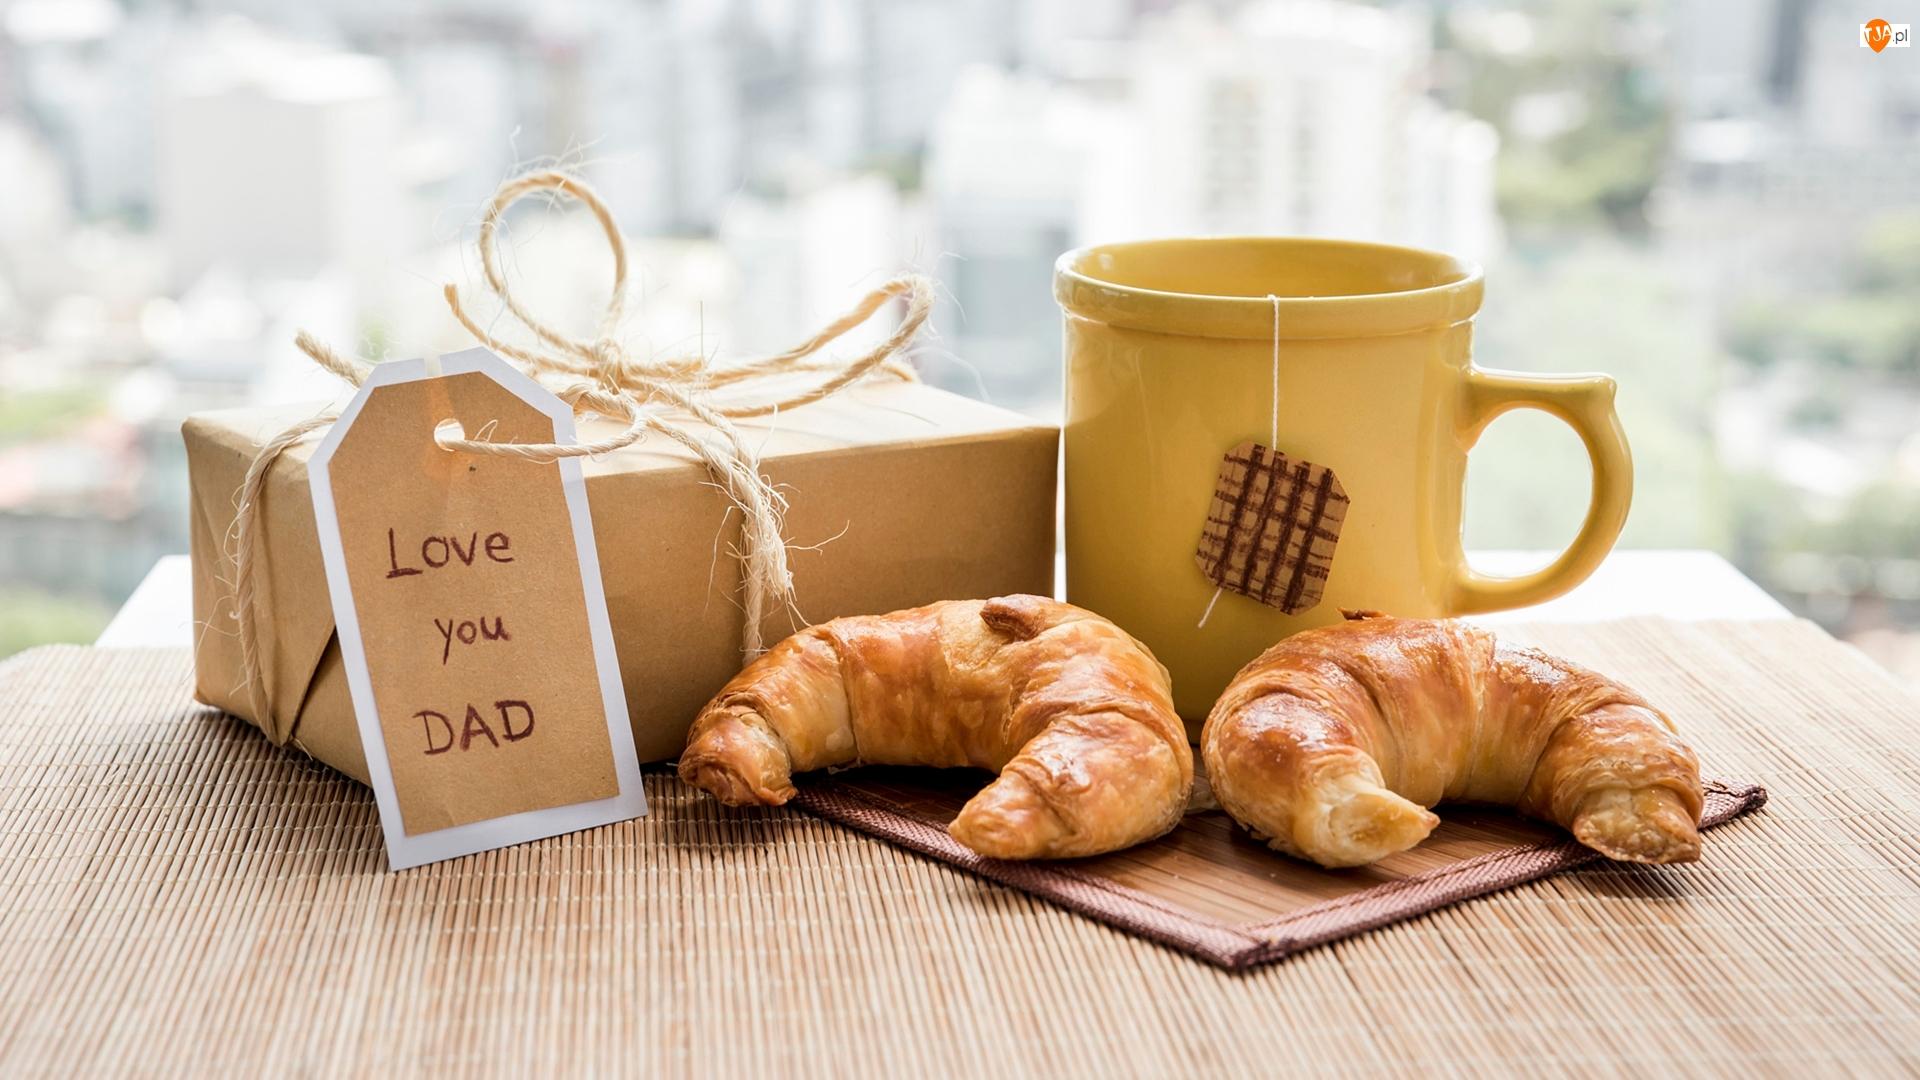 Rogaliki, Dzień Ojca, Napis, Kubek, Prezent, Love you Dad, Herbata, Zawieszka